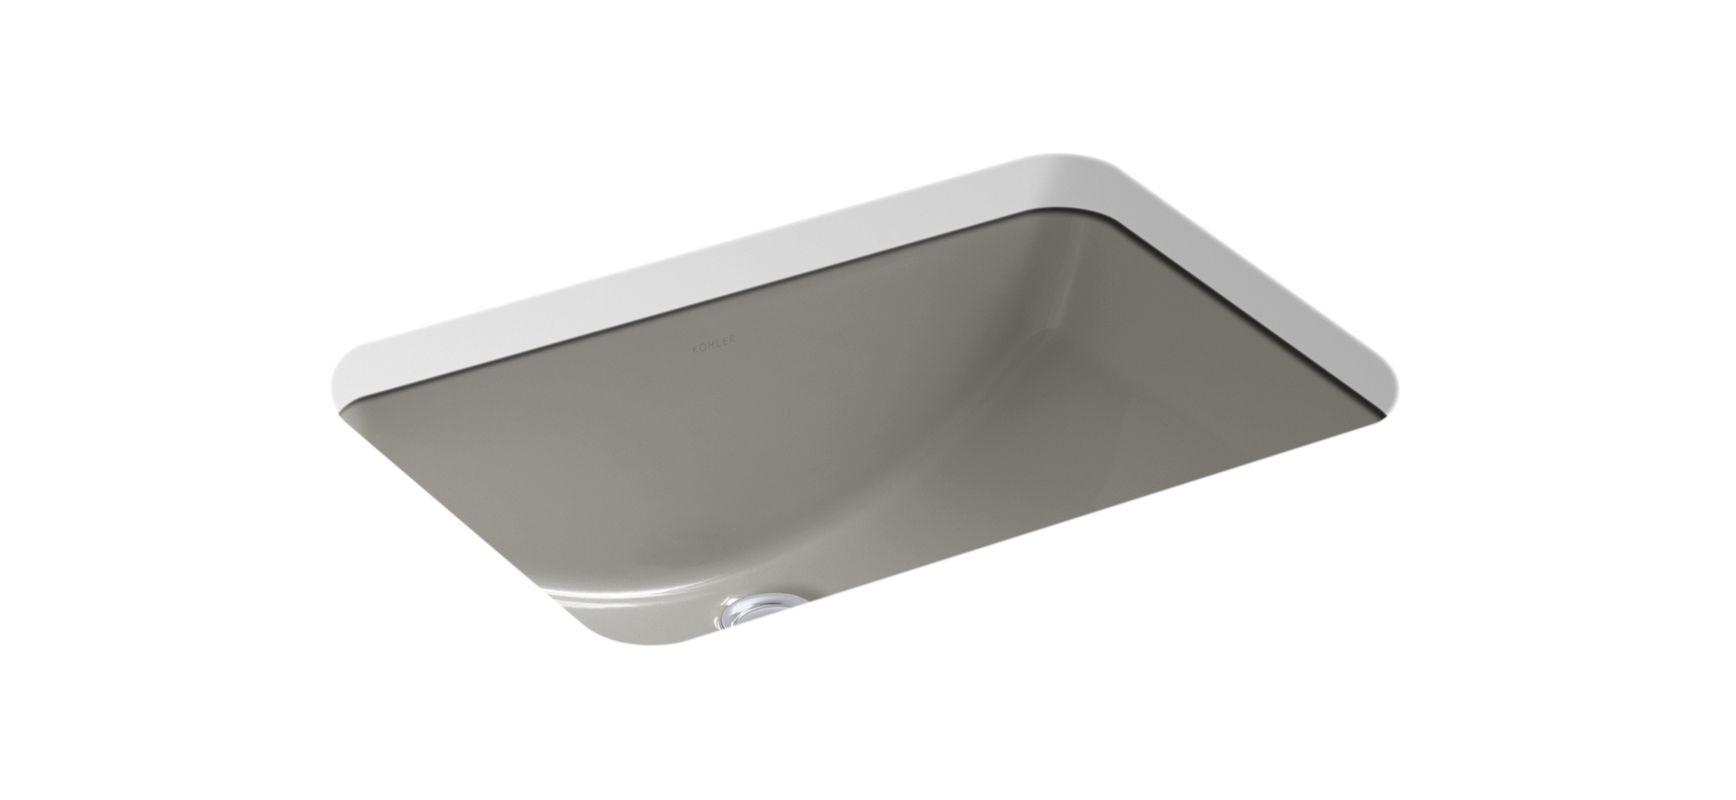 ... Kohler Ladena Sink K 2214 By Kohler K 2214 K4 Cashmere Ladena 18 3 8  Quot ...